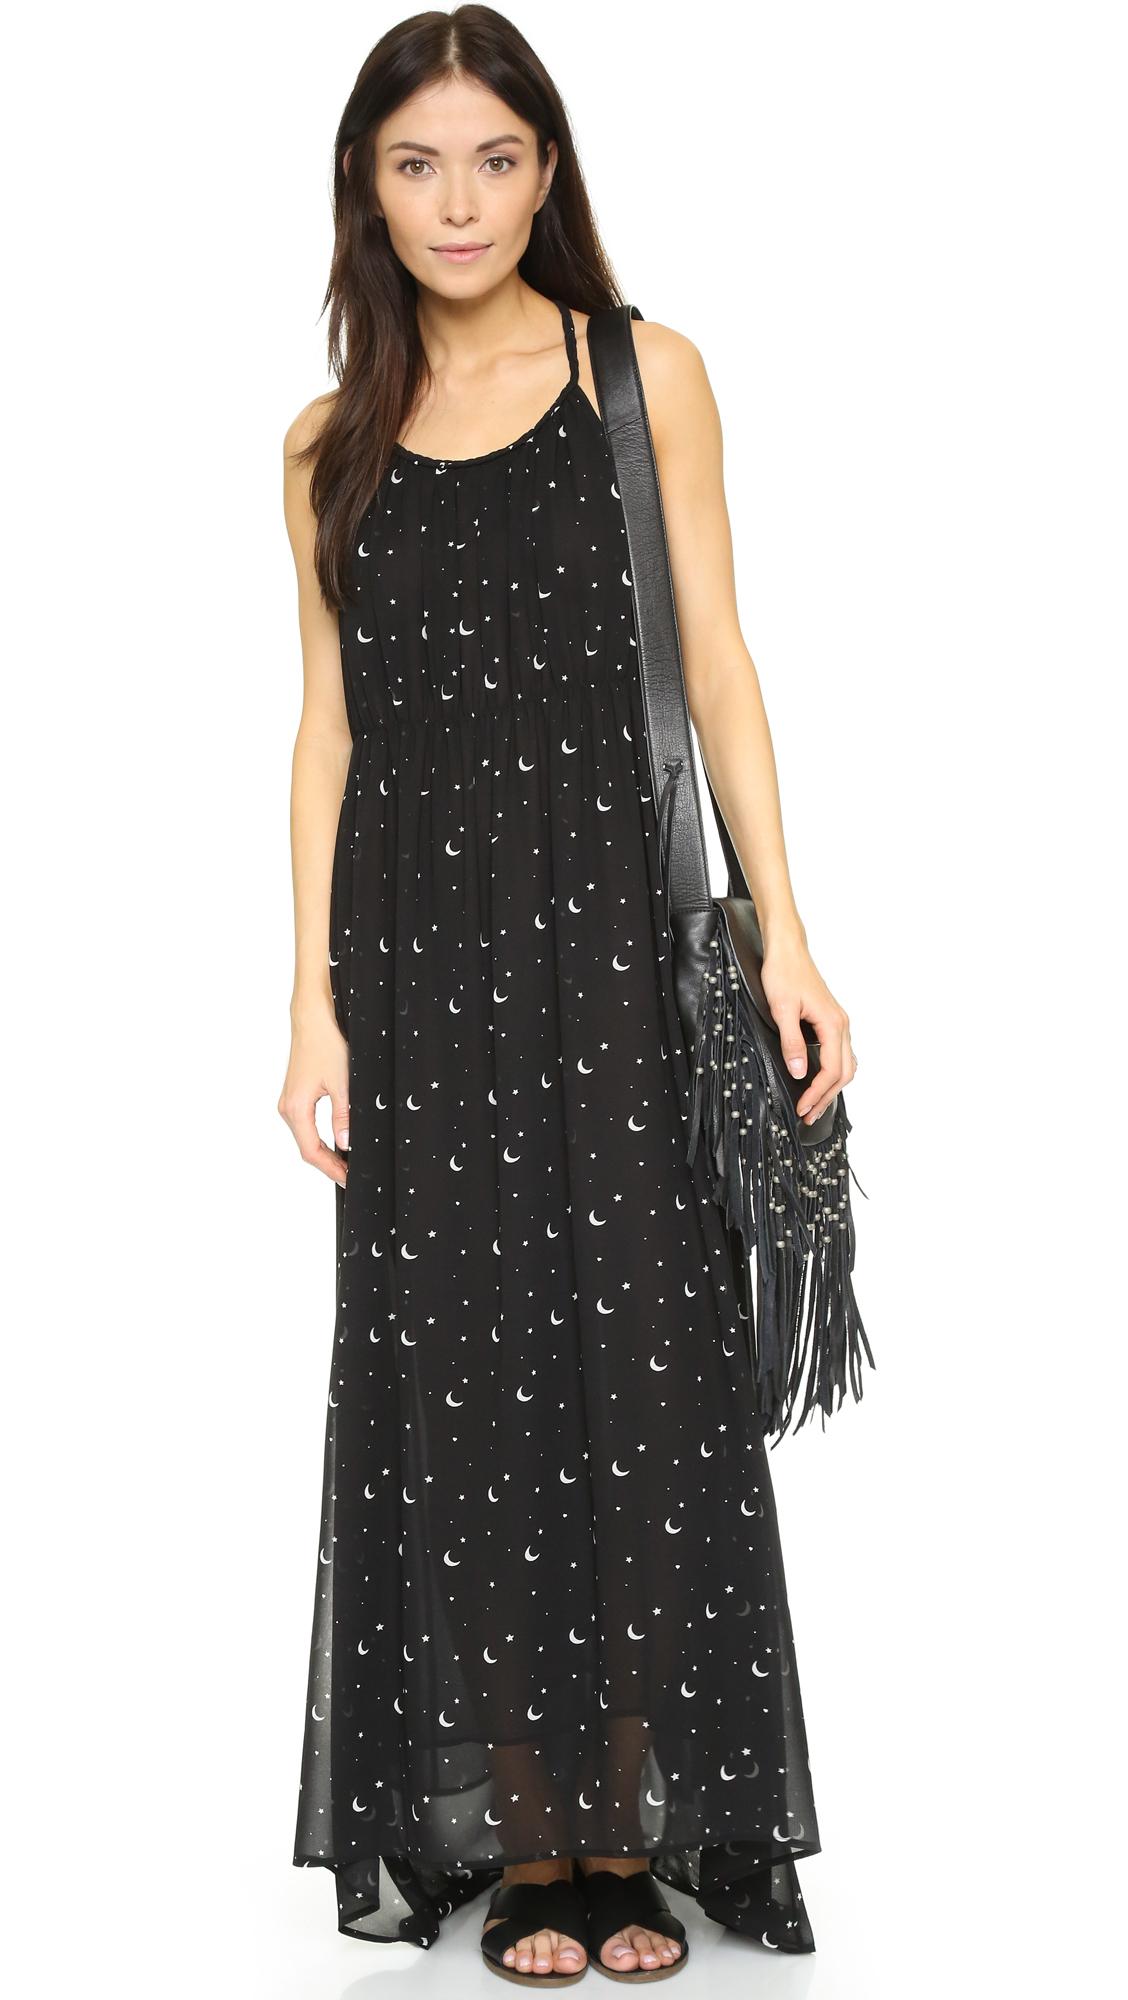 Lyst - Wildfox Moon & Stars Flower Dress in Black